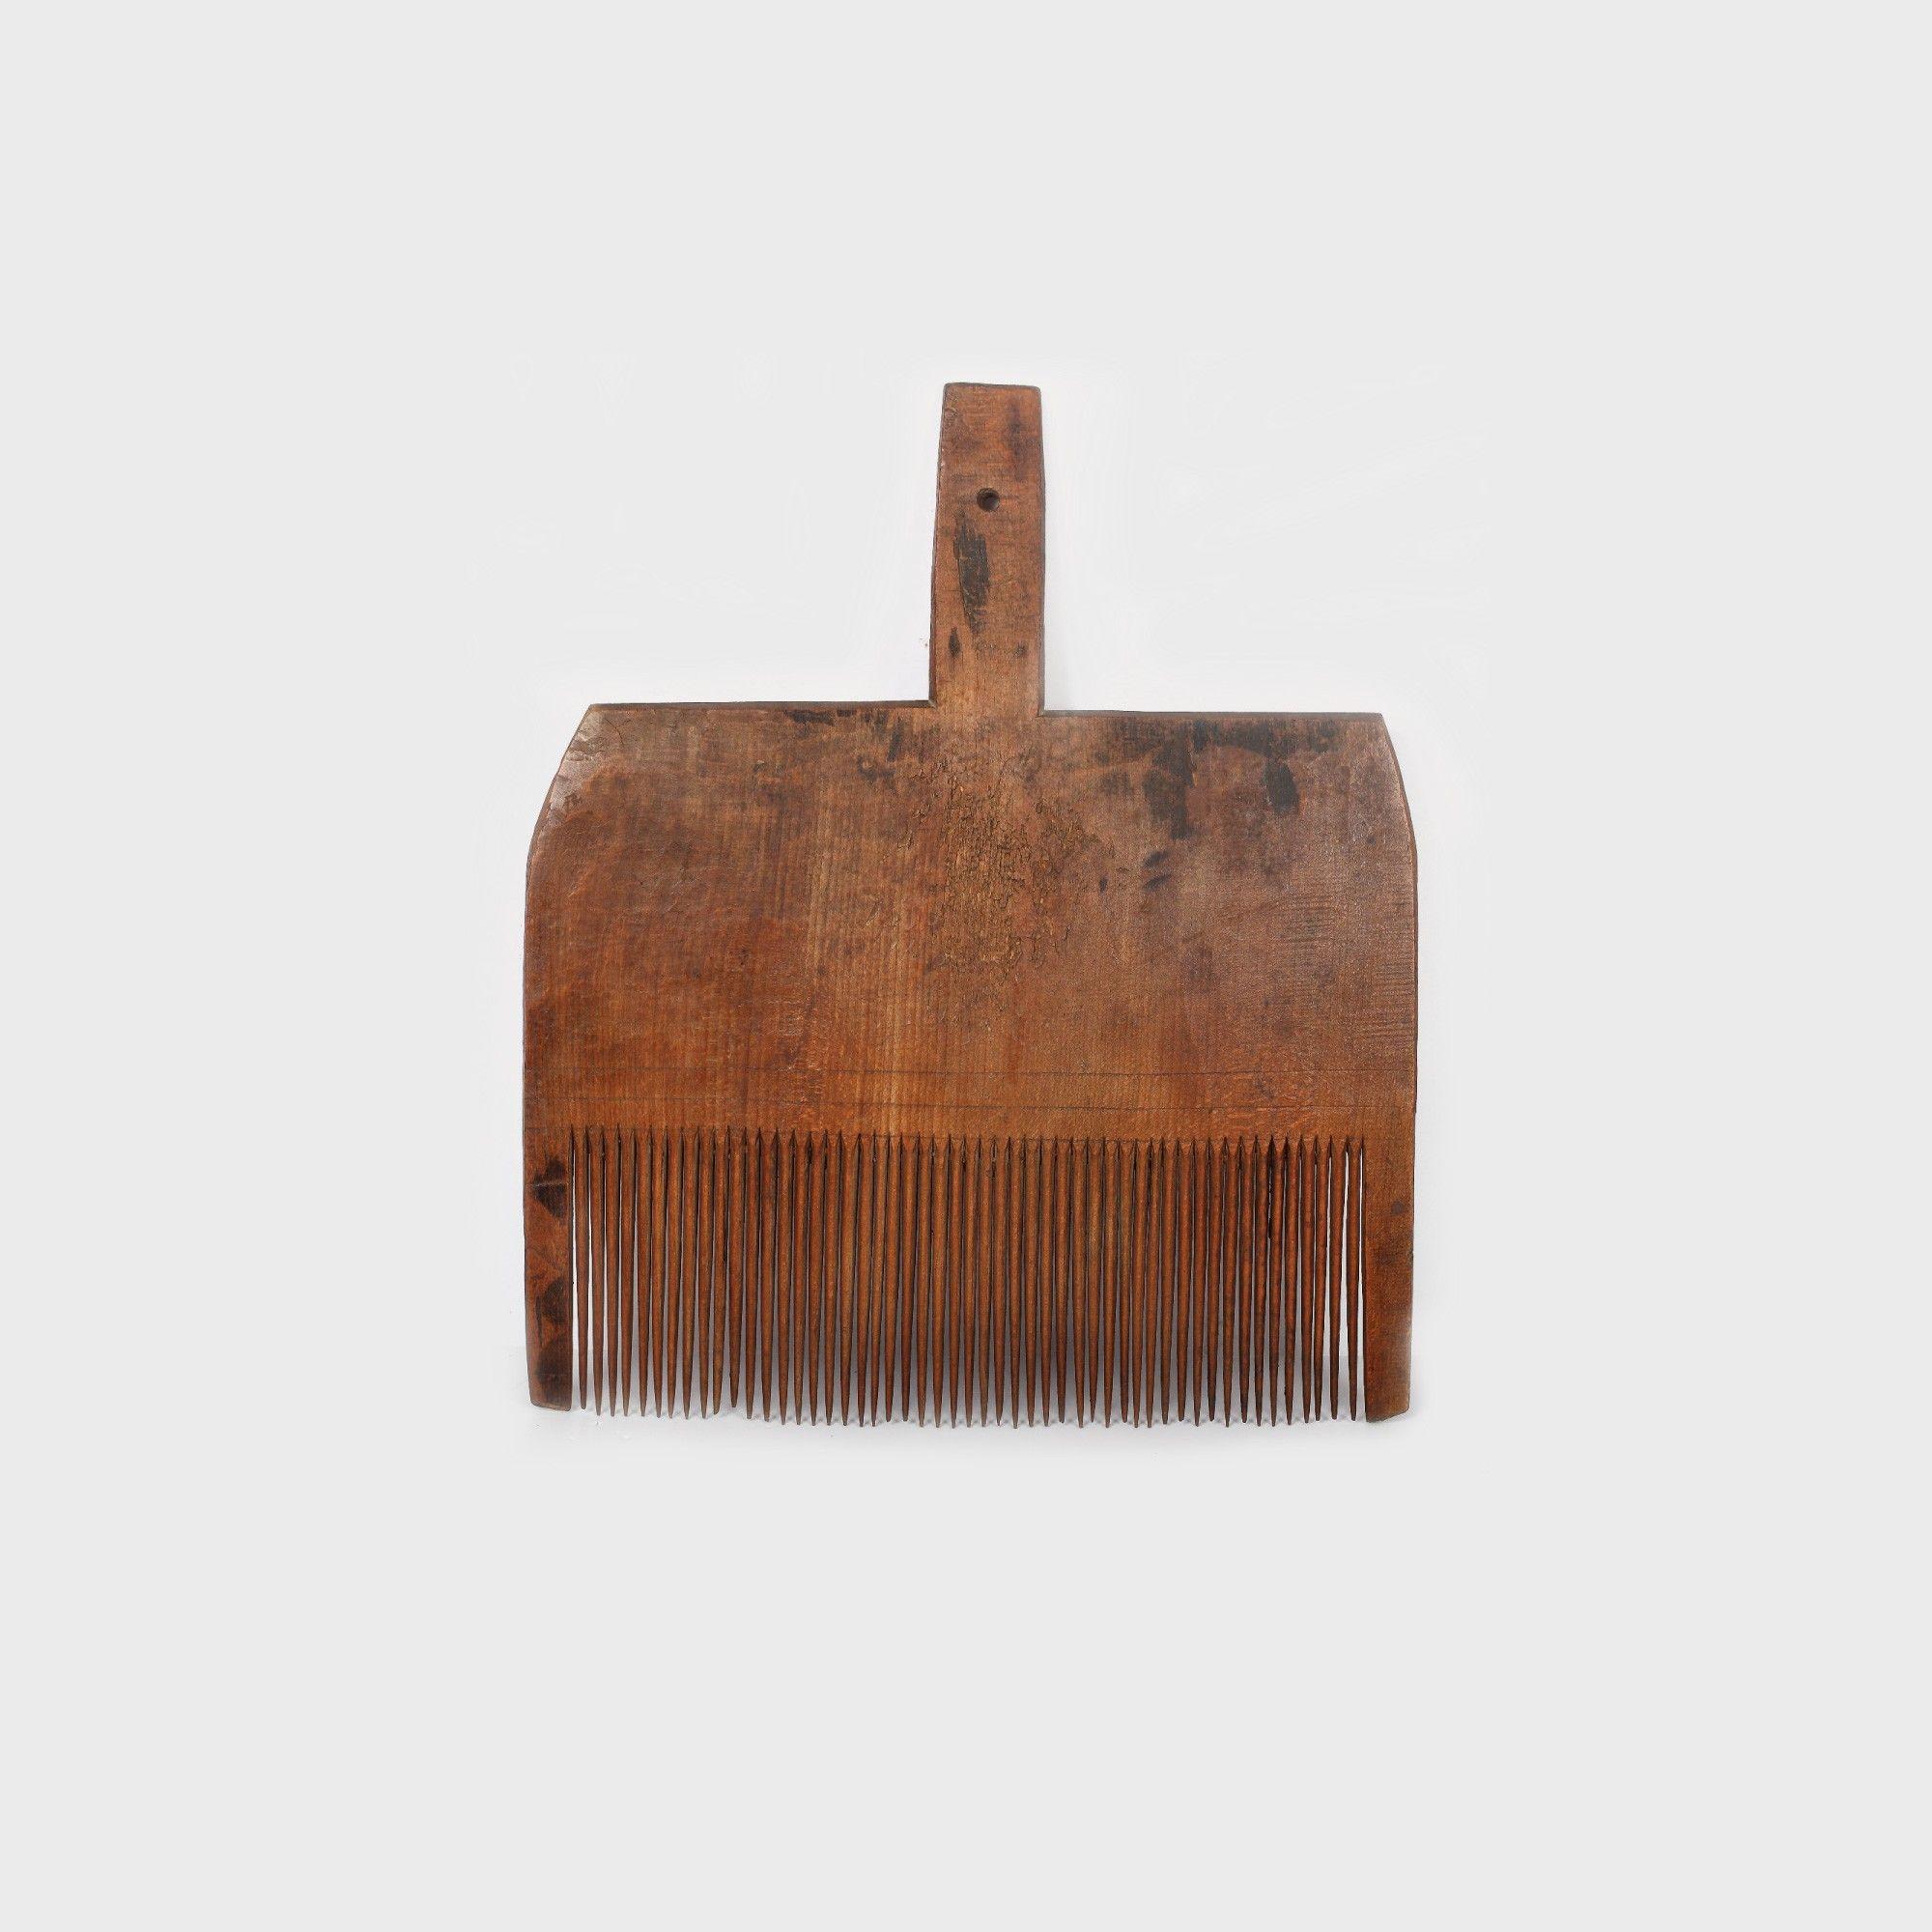 Pieptăne pentru selectat fibre de lână, Bucovina, ultimul pătrar al sec. XIX